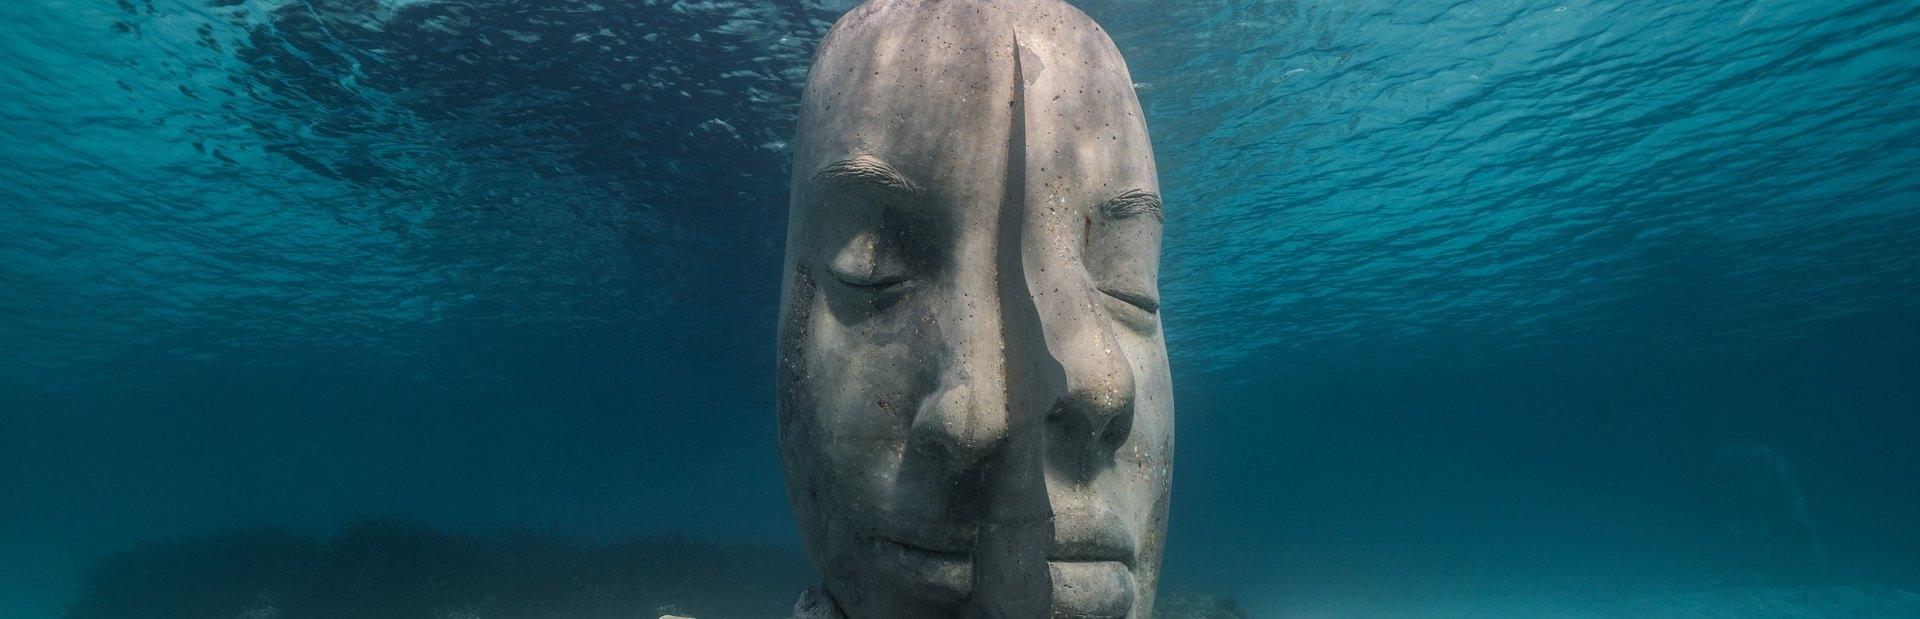 Cannes Underwater Museum (Musée sous-marin de Cannes) Image 1